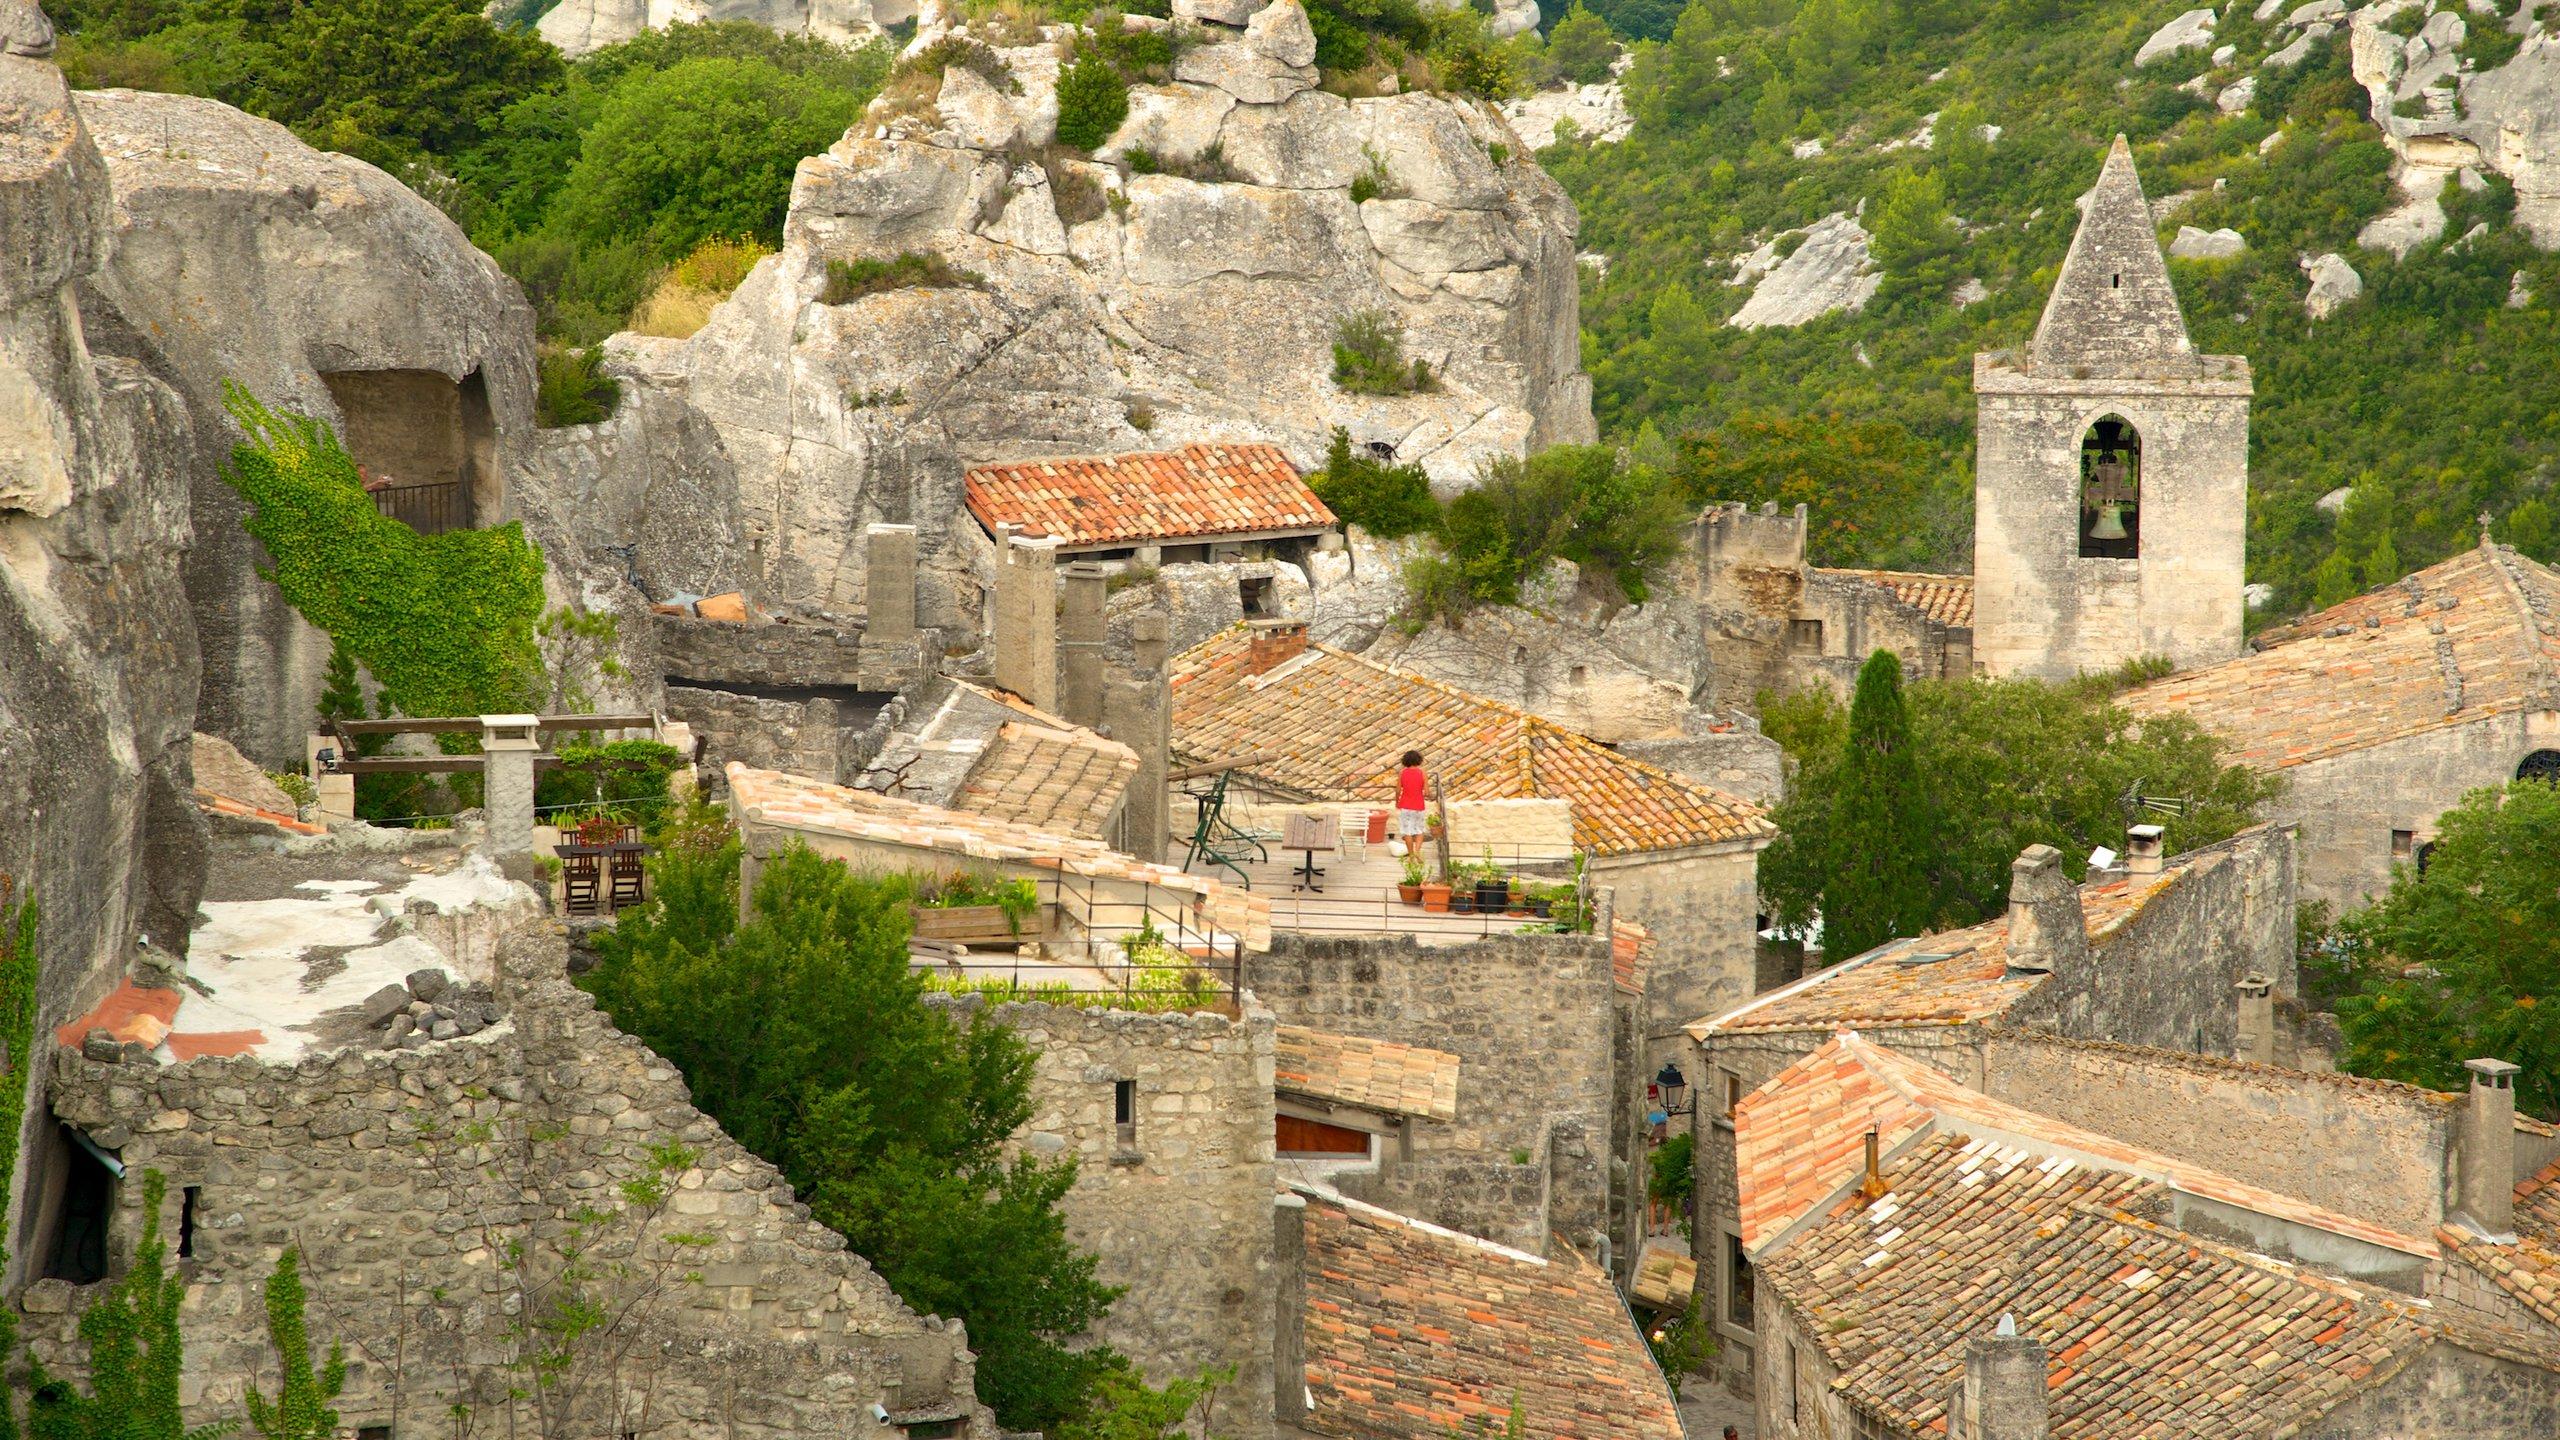 St.-Remy-de-Provence, Bouches-du-Rhone, France